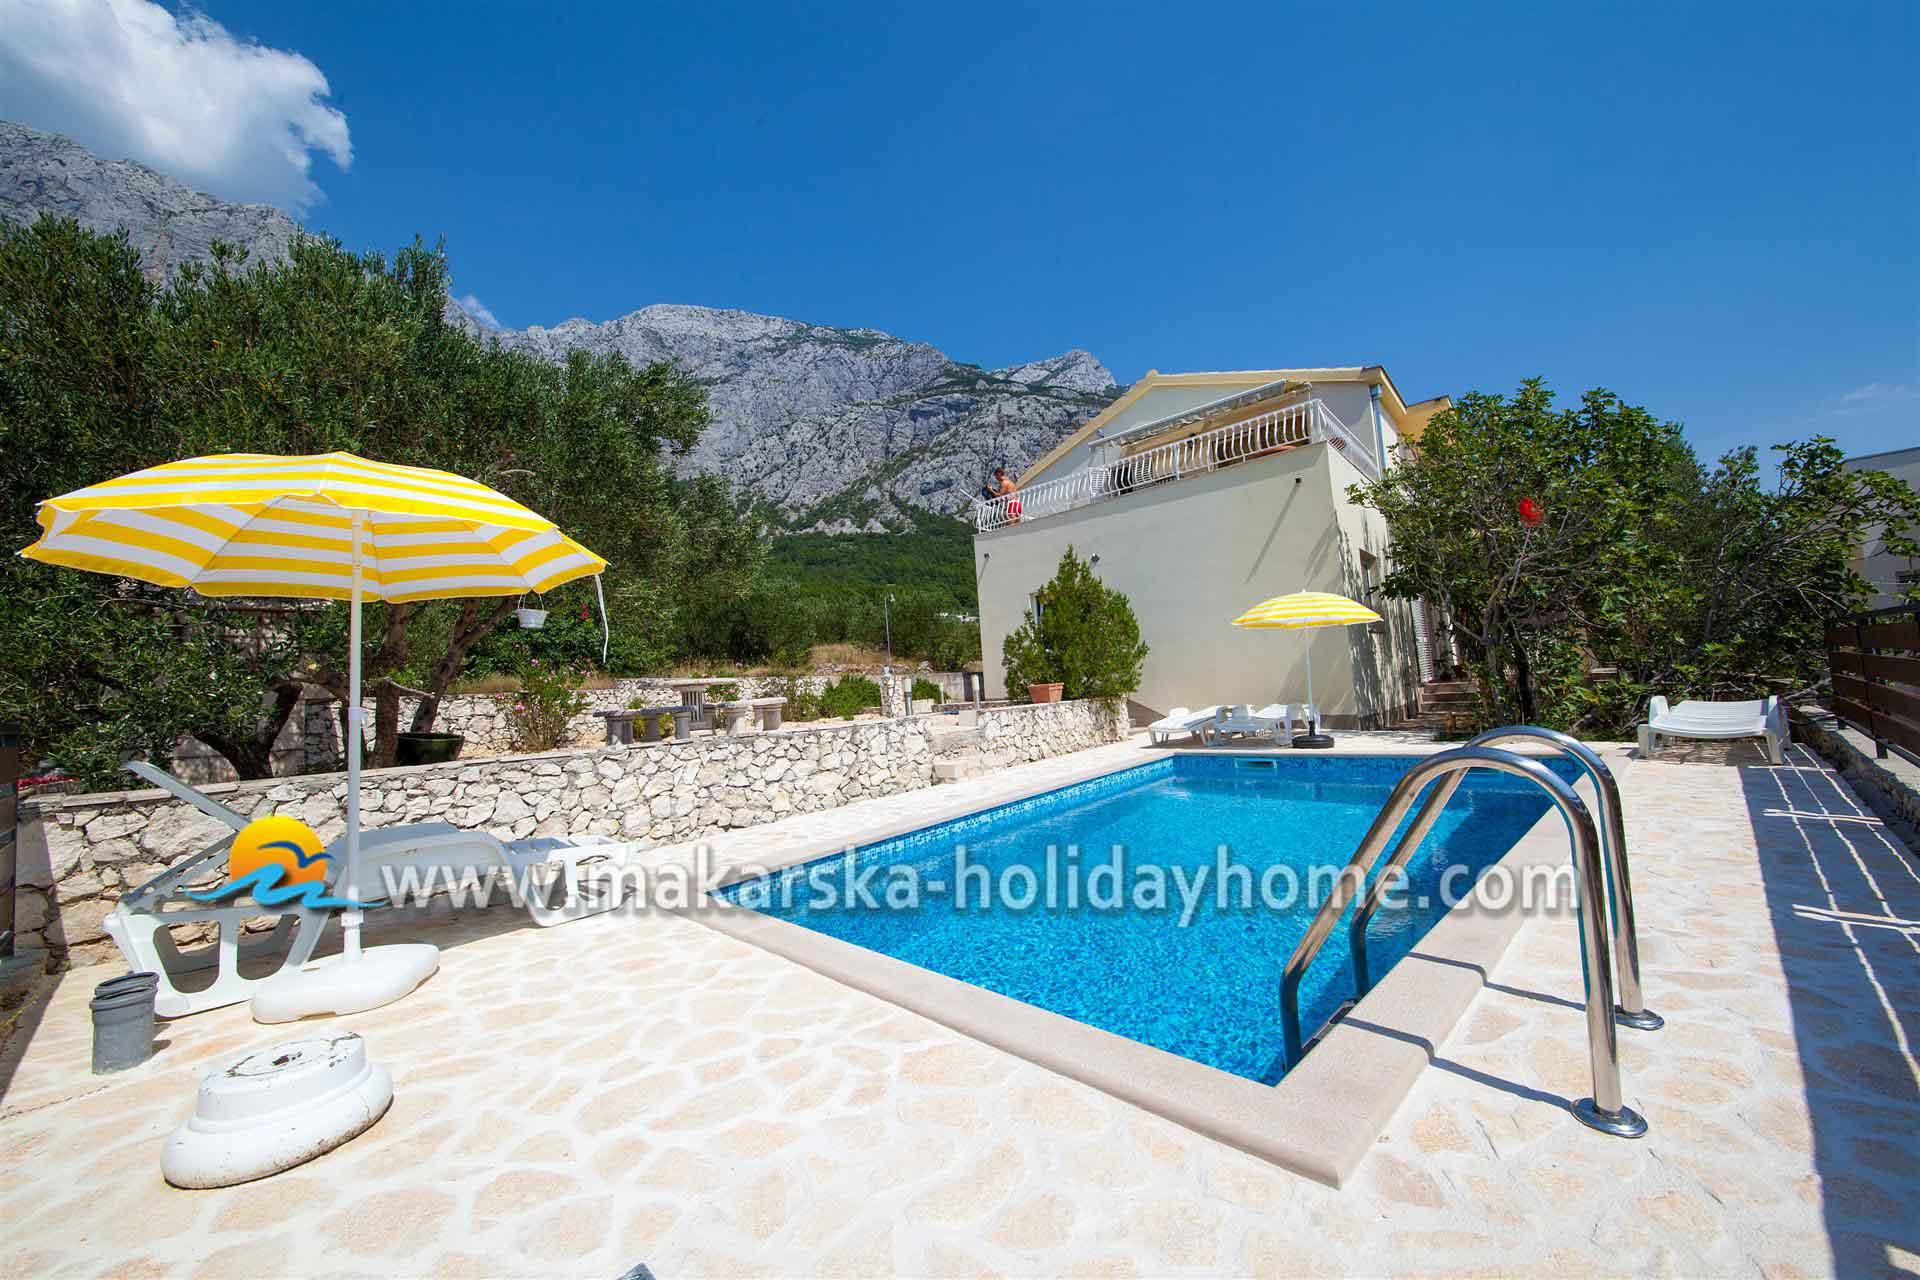 ferienhaus kroatien mit pool und hund makarska ferienhaus leon. Black Bedroom Furniture Sets. Home Design Ideas